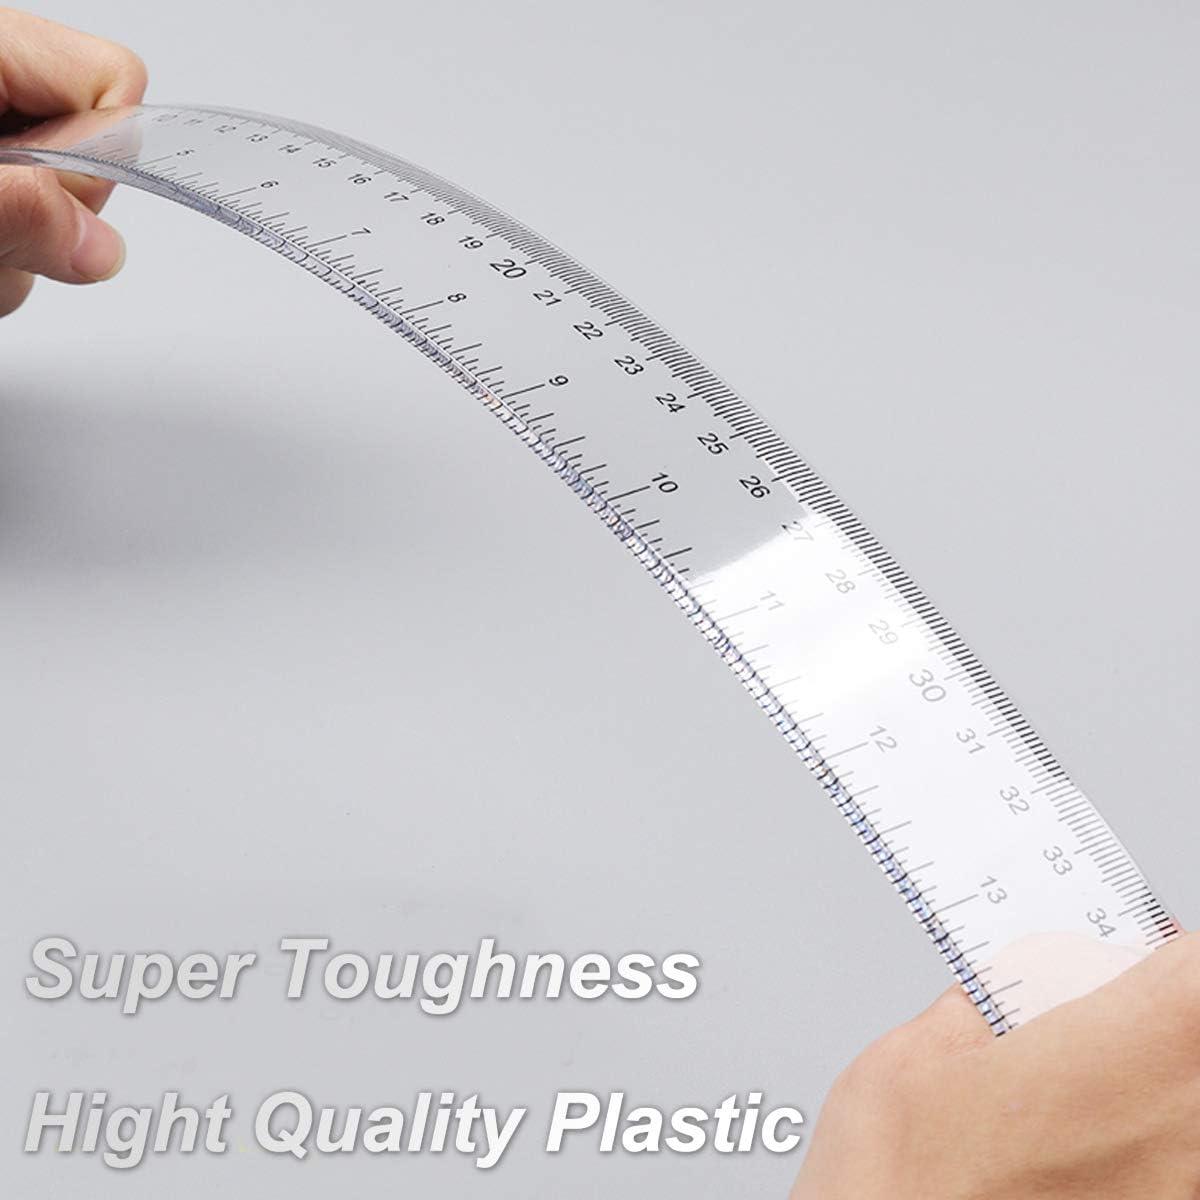 Righelli da 19 pollici da 50 cm Righello pollici e centimetri in plastica dura trasparente confezione da 20 pezzi // 1 mm Strumenti di misura per lhome office scolastico scala minima 1//16 in